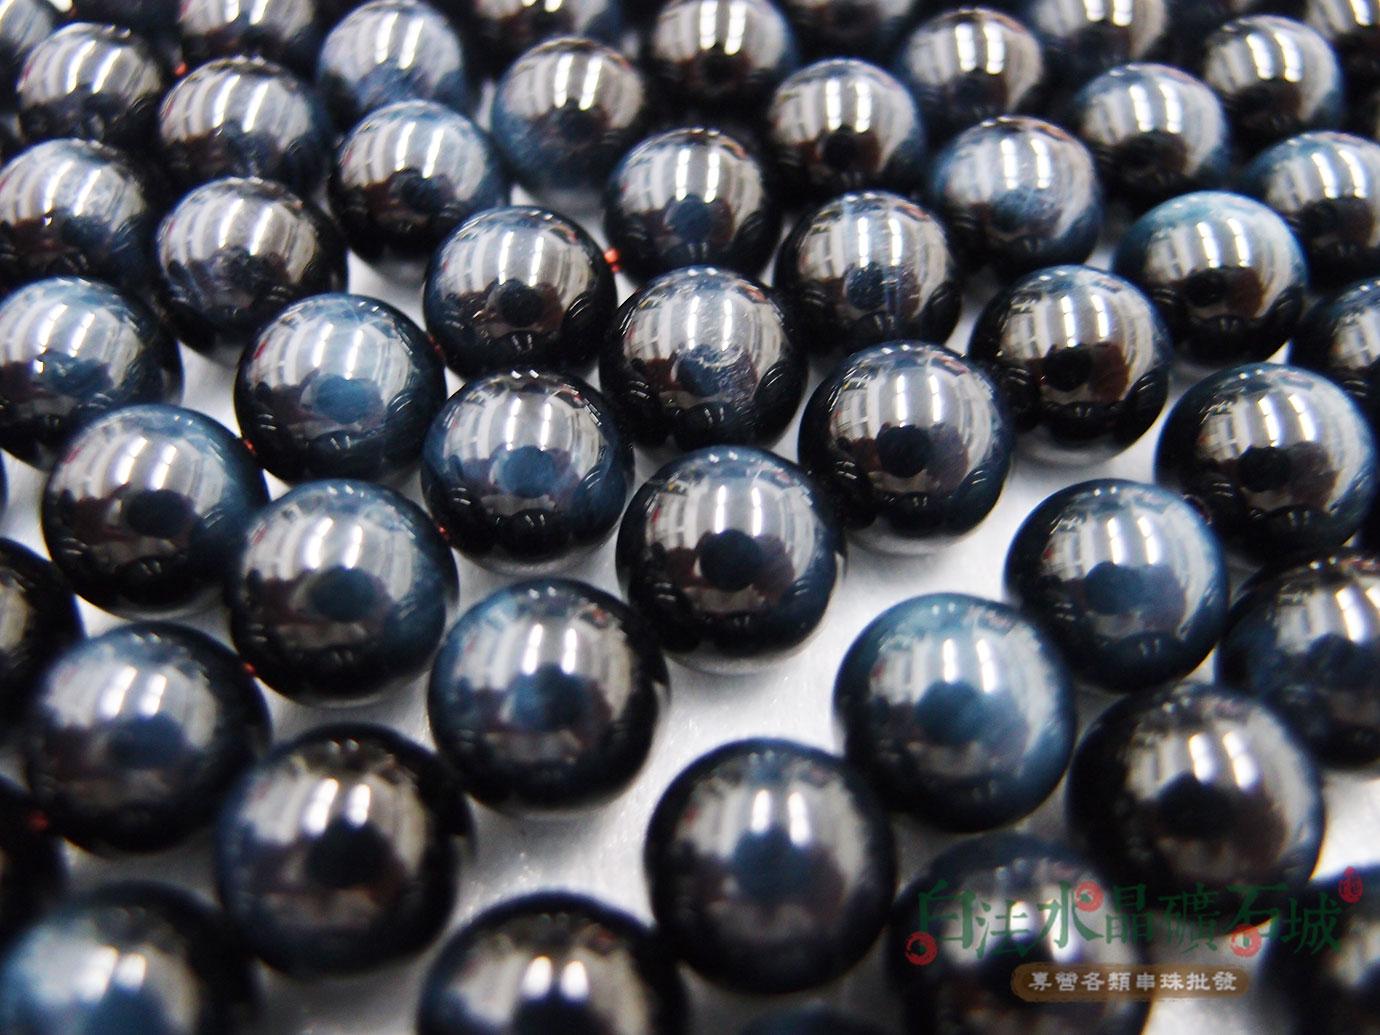 白法水晶礦石城 南非 天然-虎眼石-藍色 10mm 礦質-漂亮珠子 藍色暈光明顯- 串珠/條珠 首飾材料